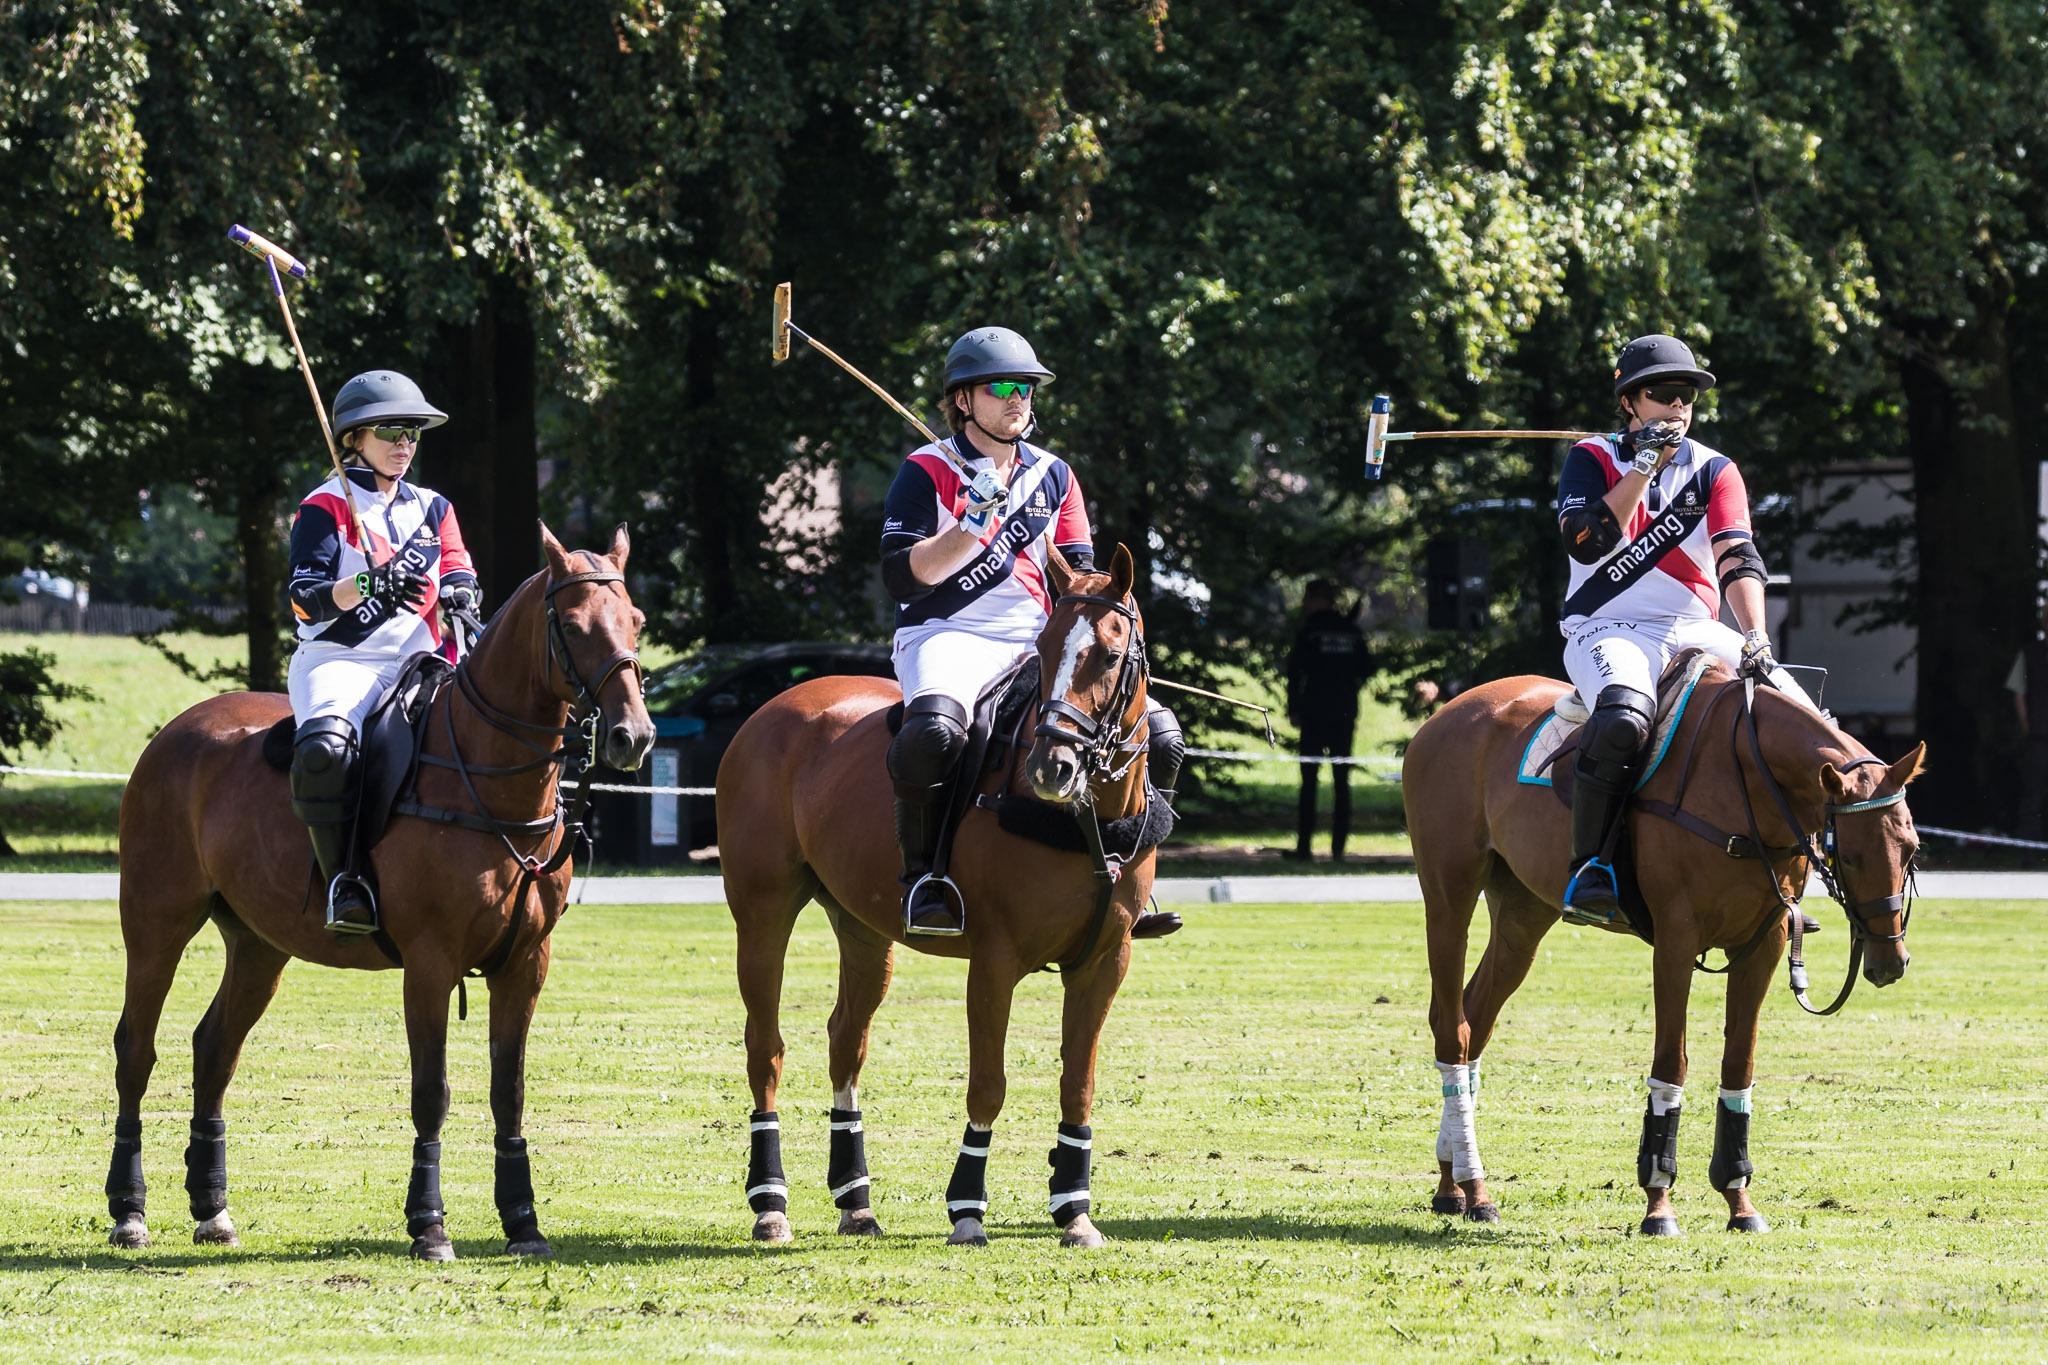 Polo-spektakel krijgt een 'amazing' winnaar